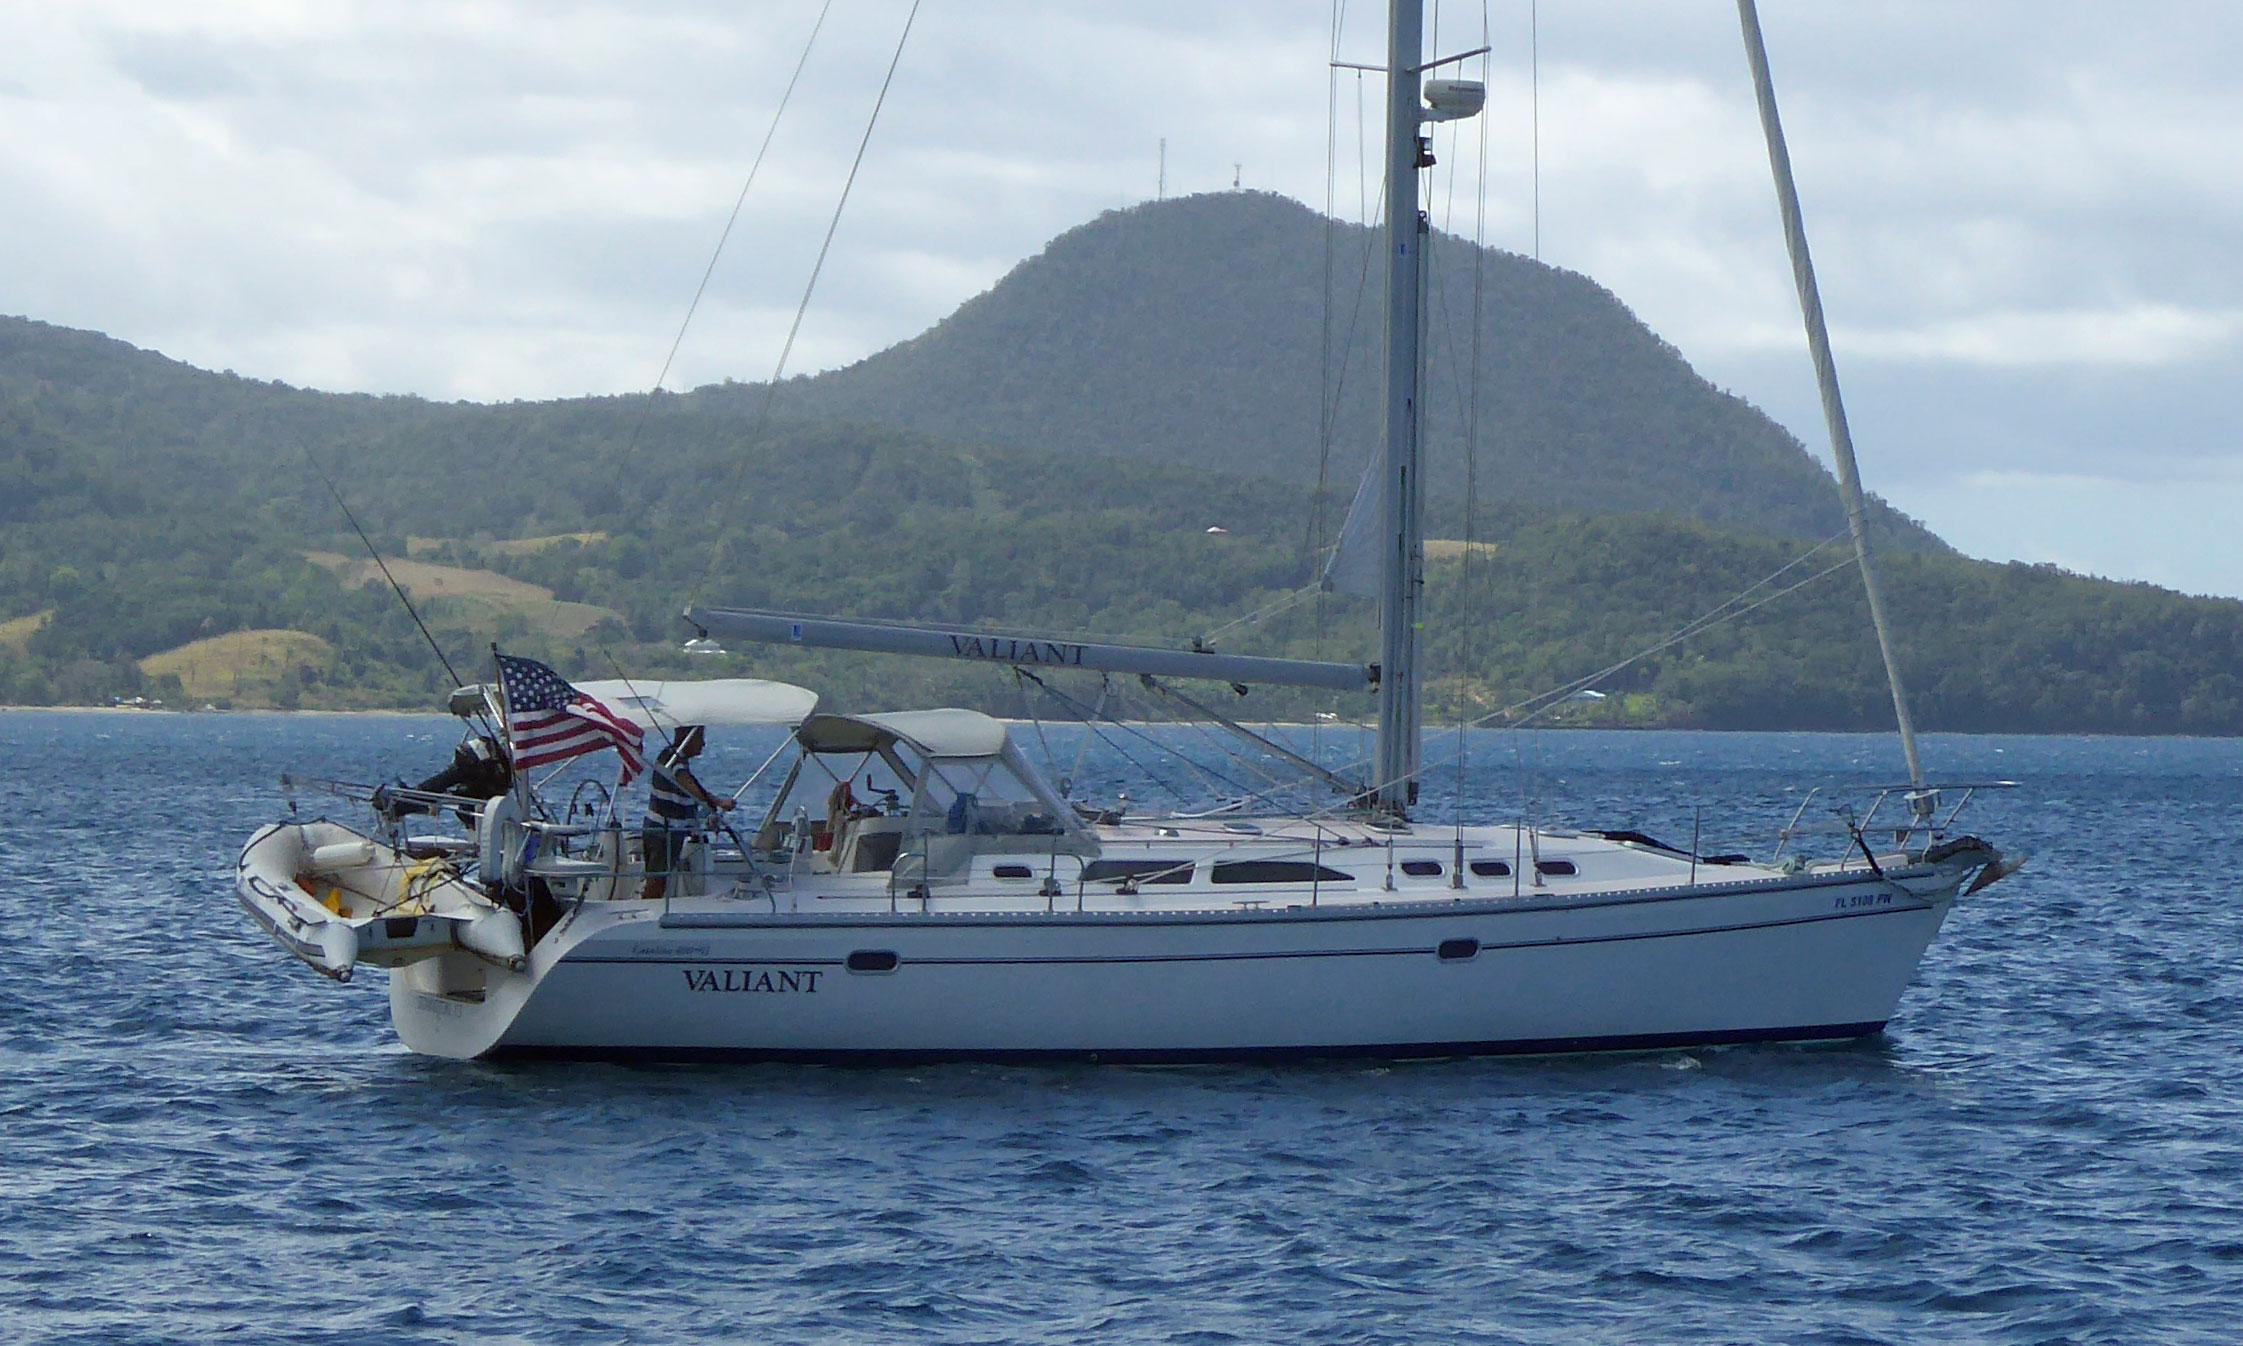 A Catalina 400 Mk2 sailboat under power